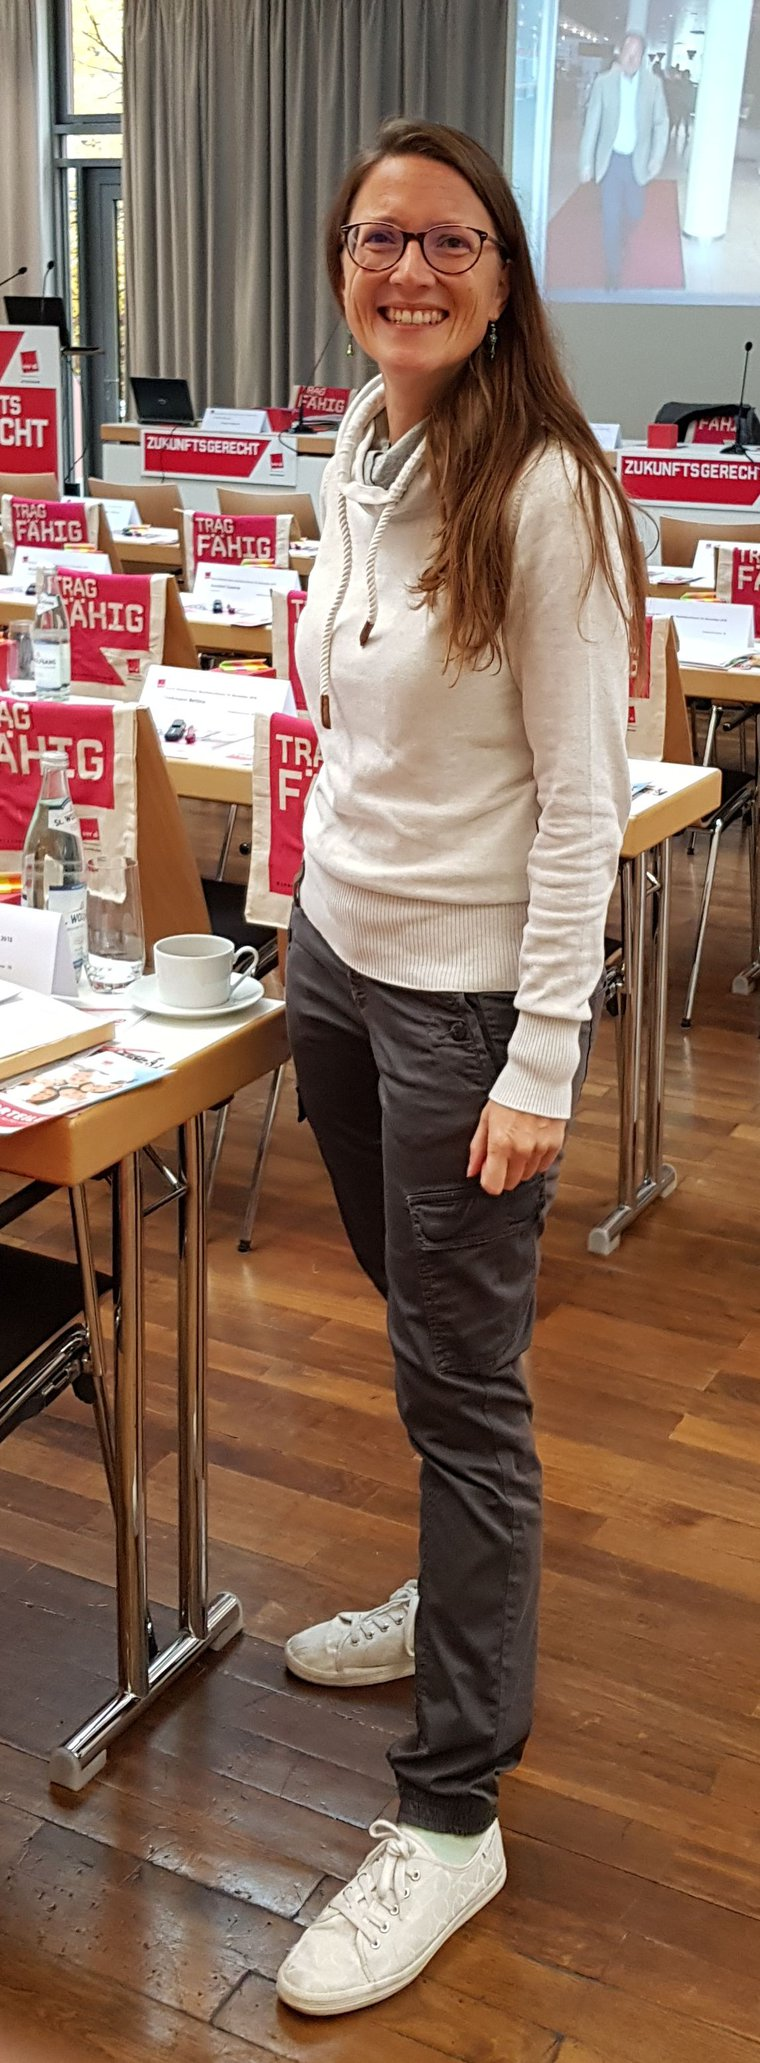 Verena Hofbauer